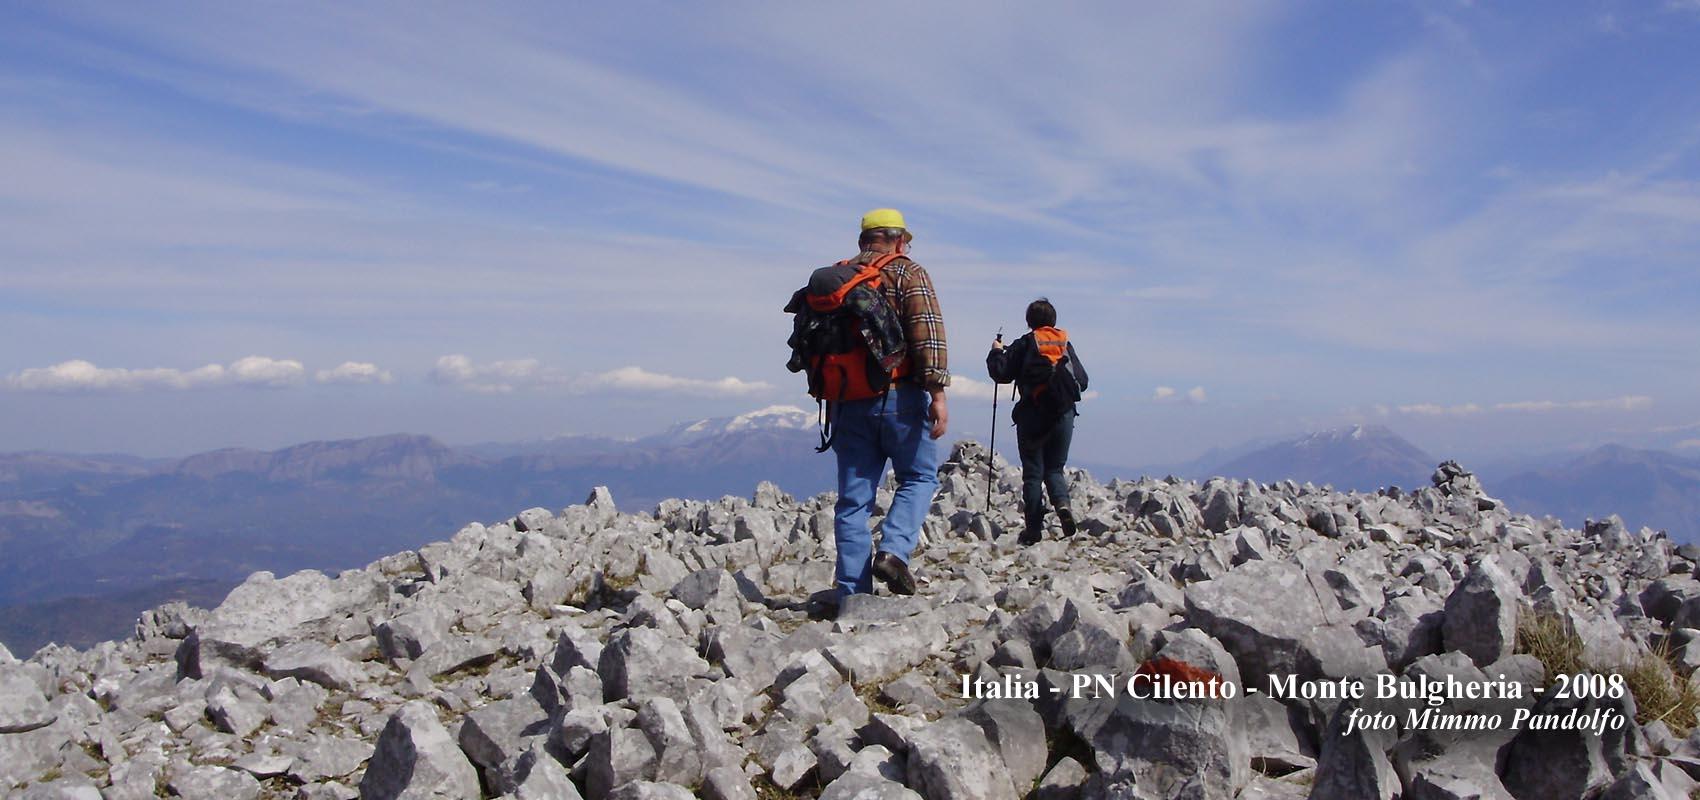 Italia, PN Cilento - Monte Bulgheria - 2008